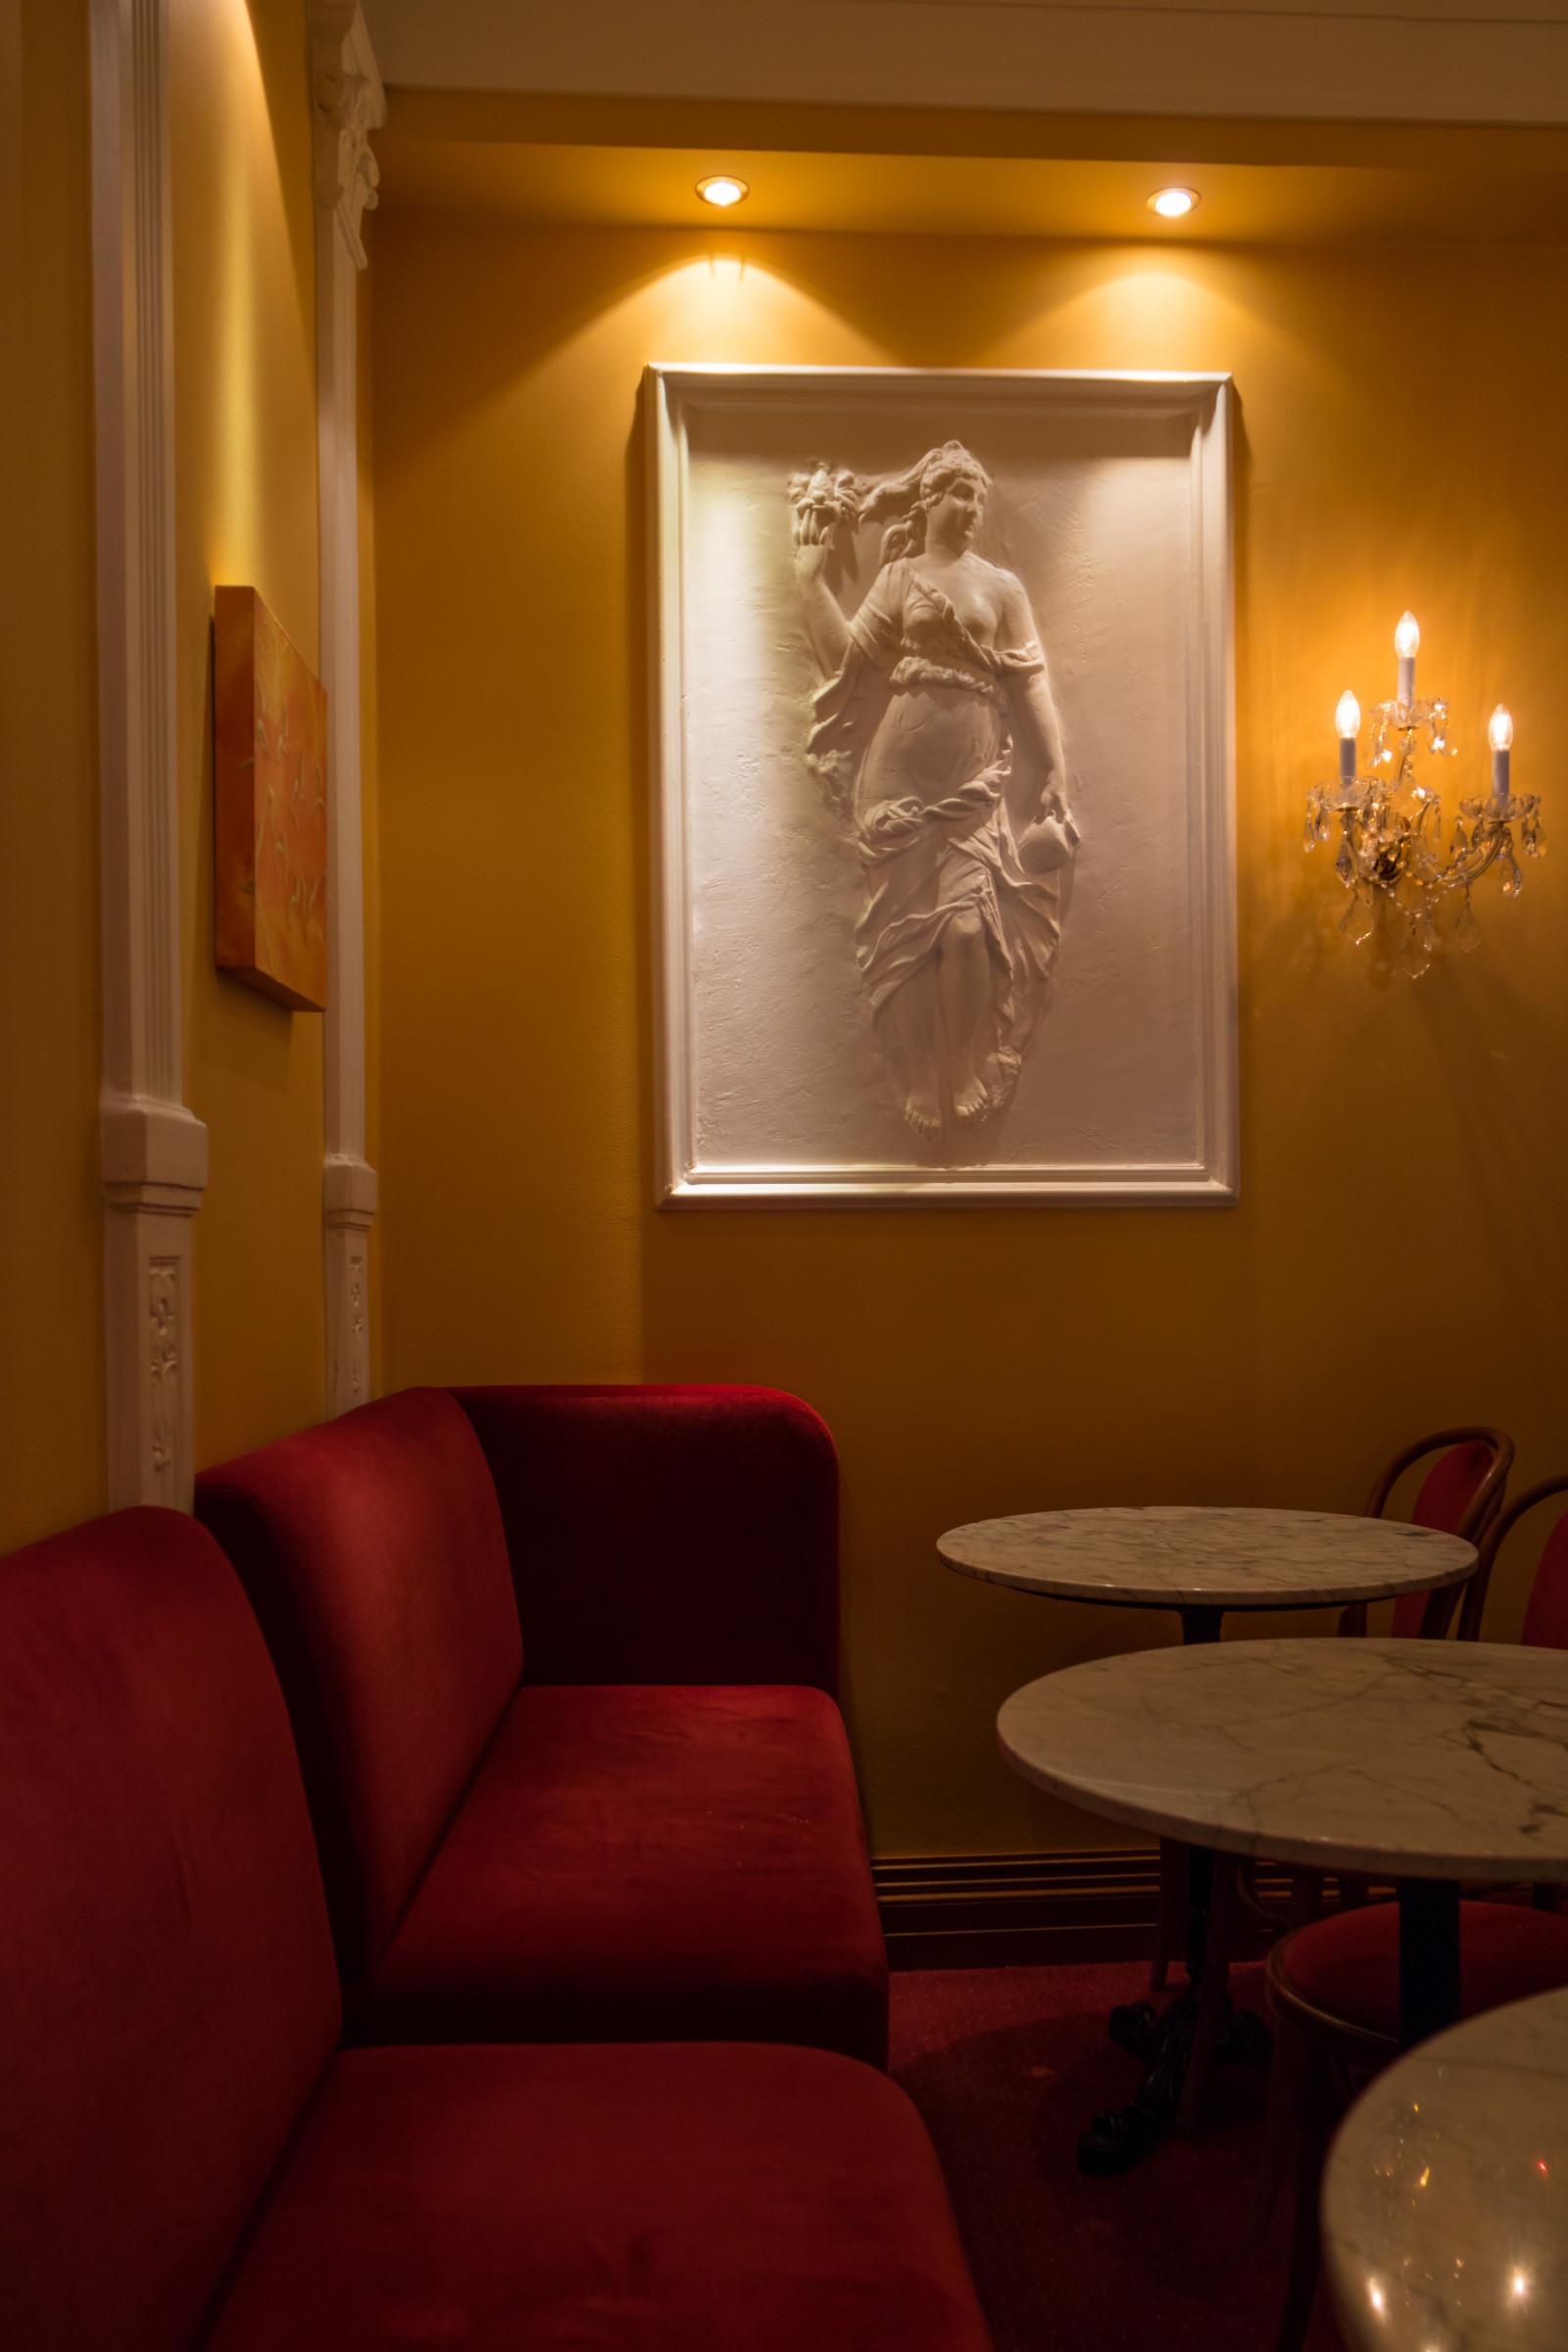 Fondos de pantalla habitaci n pared dise o de for Diseno de iluminacion de interiores